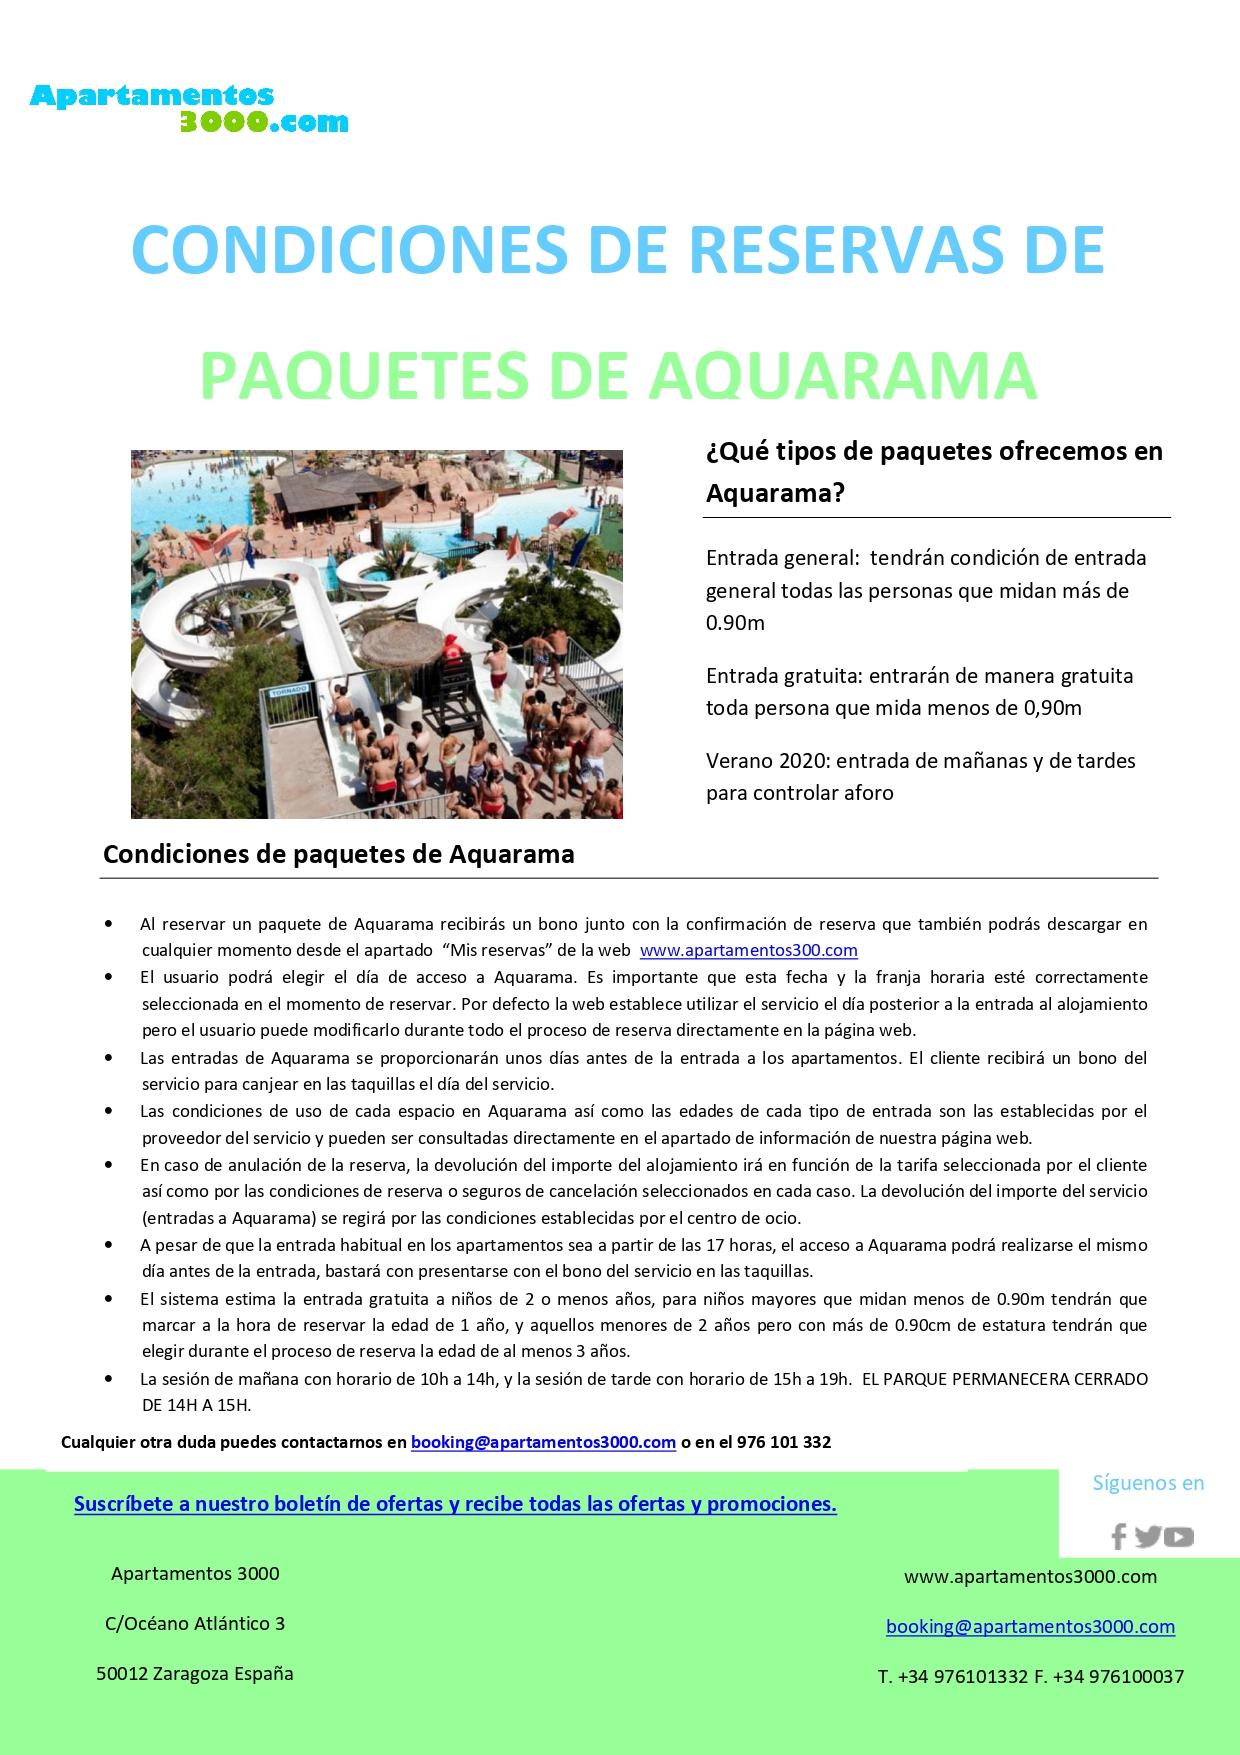 Oferta Aquarama - Ofertas parque acuático Benicàssim